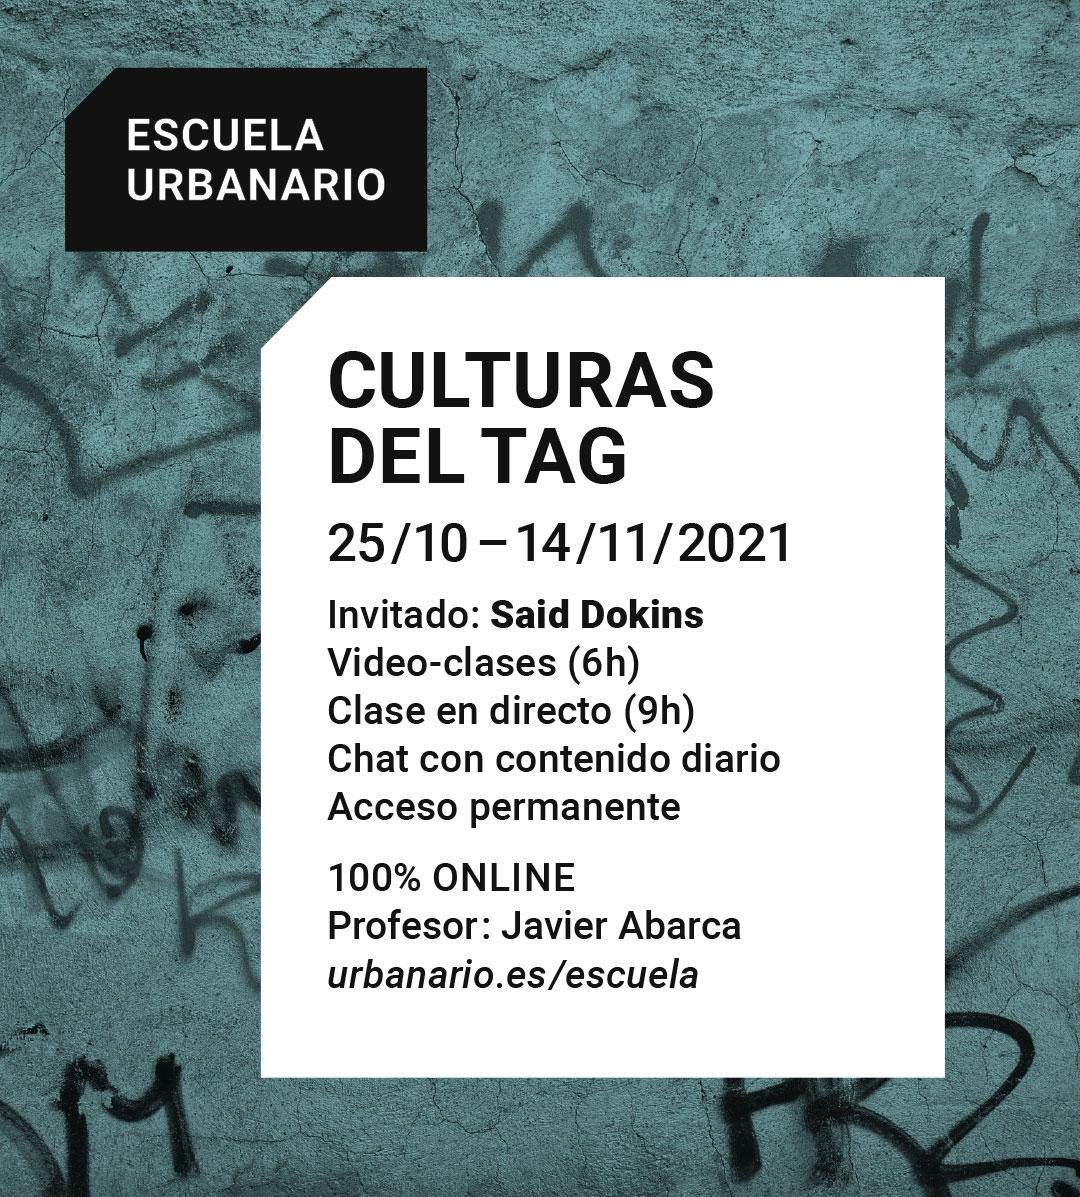 Culturas del tag - Escuela Urbanario